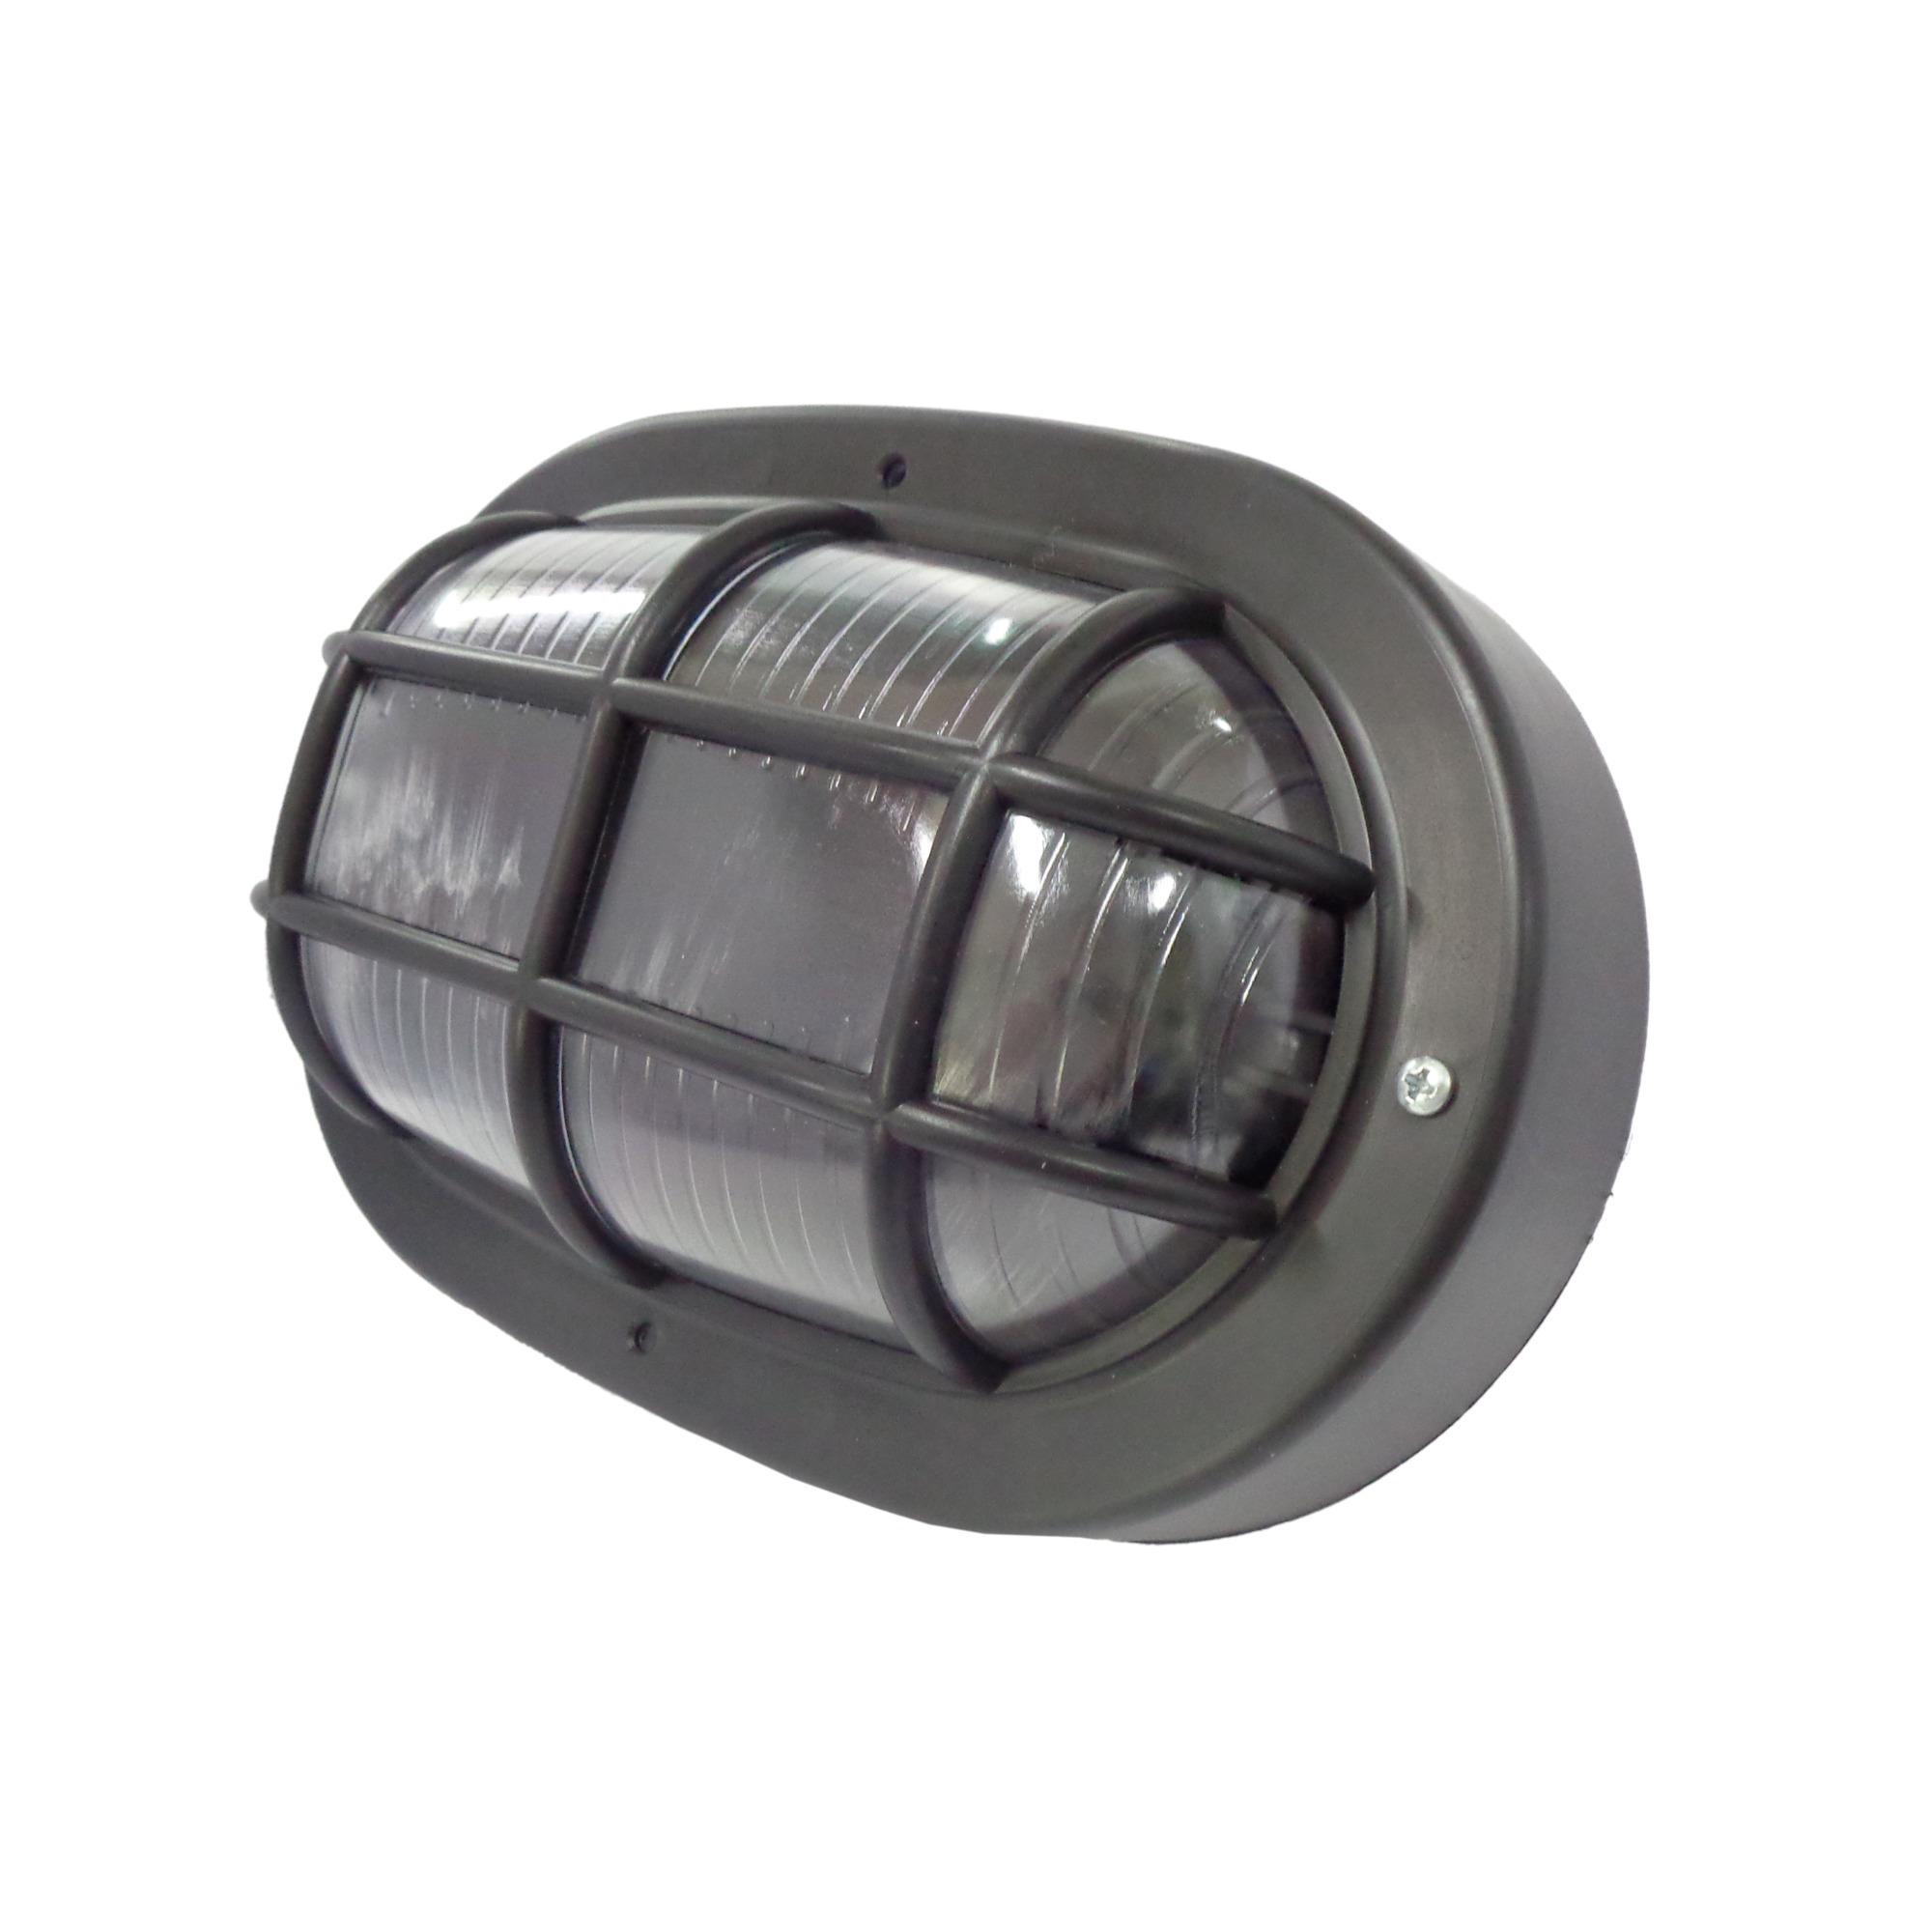 Luminaria Externa PLS Tartaruga Oval Preta 1611 - Ilumi